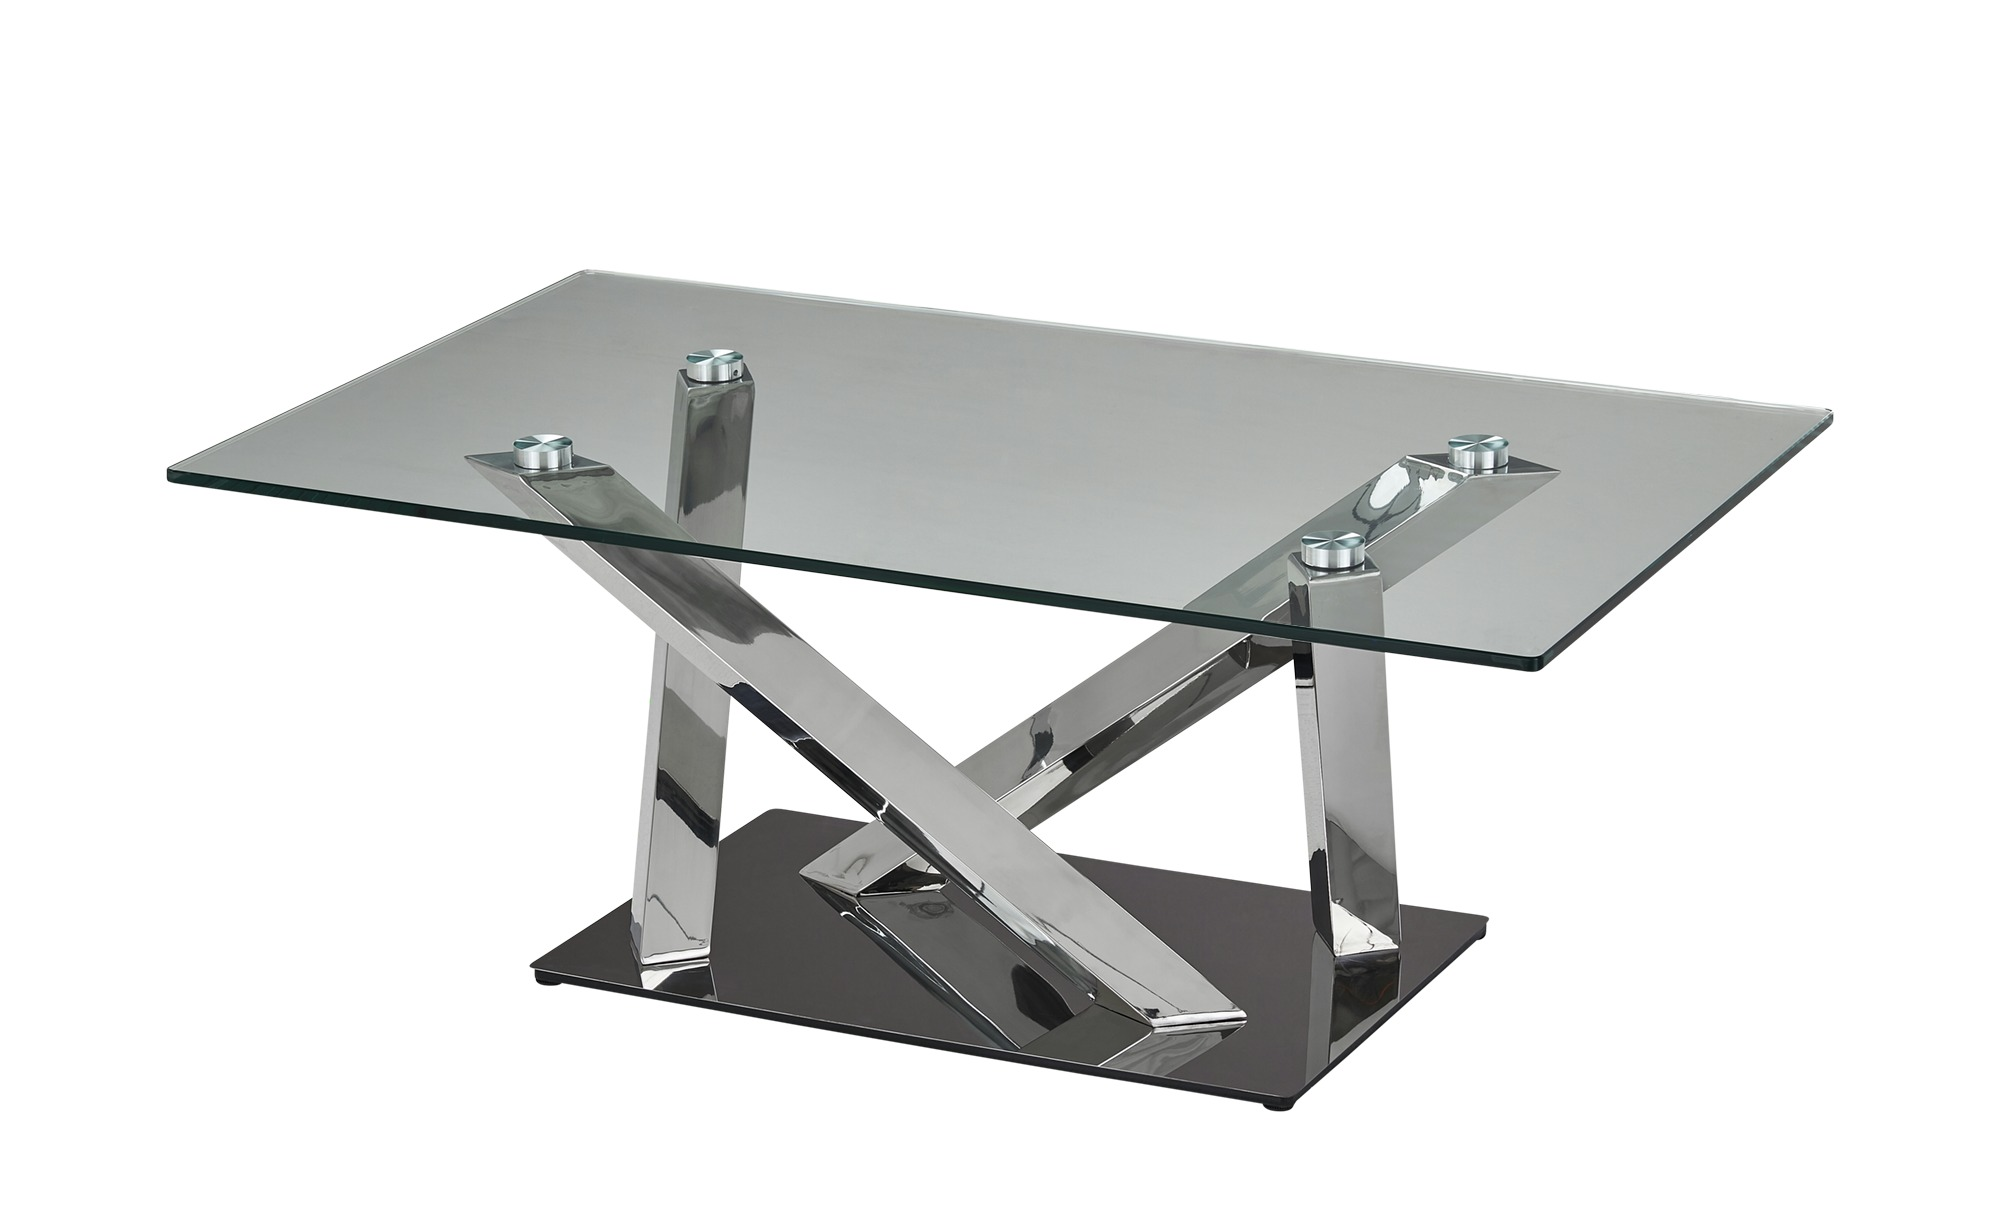 Couchtisch  Micado ¦ Maße (cm): B: 70 H: 50 T: 70 Tische > Couchtische > Couchtische rechteckig - Höffner